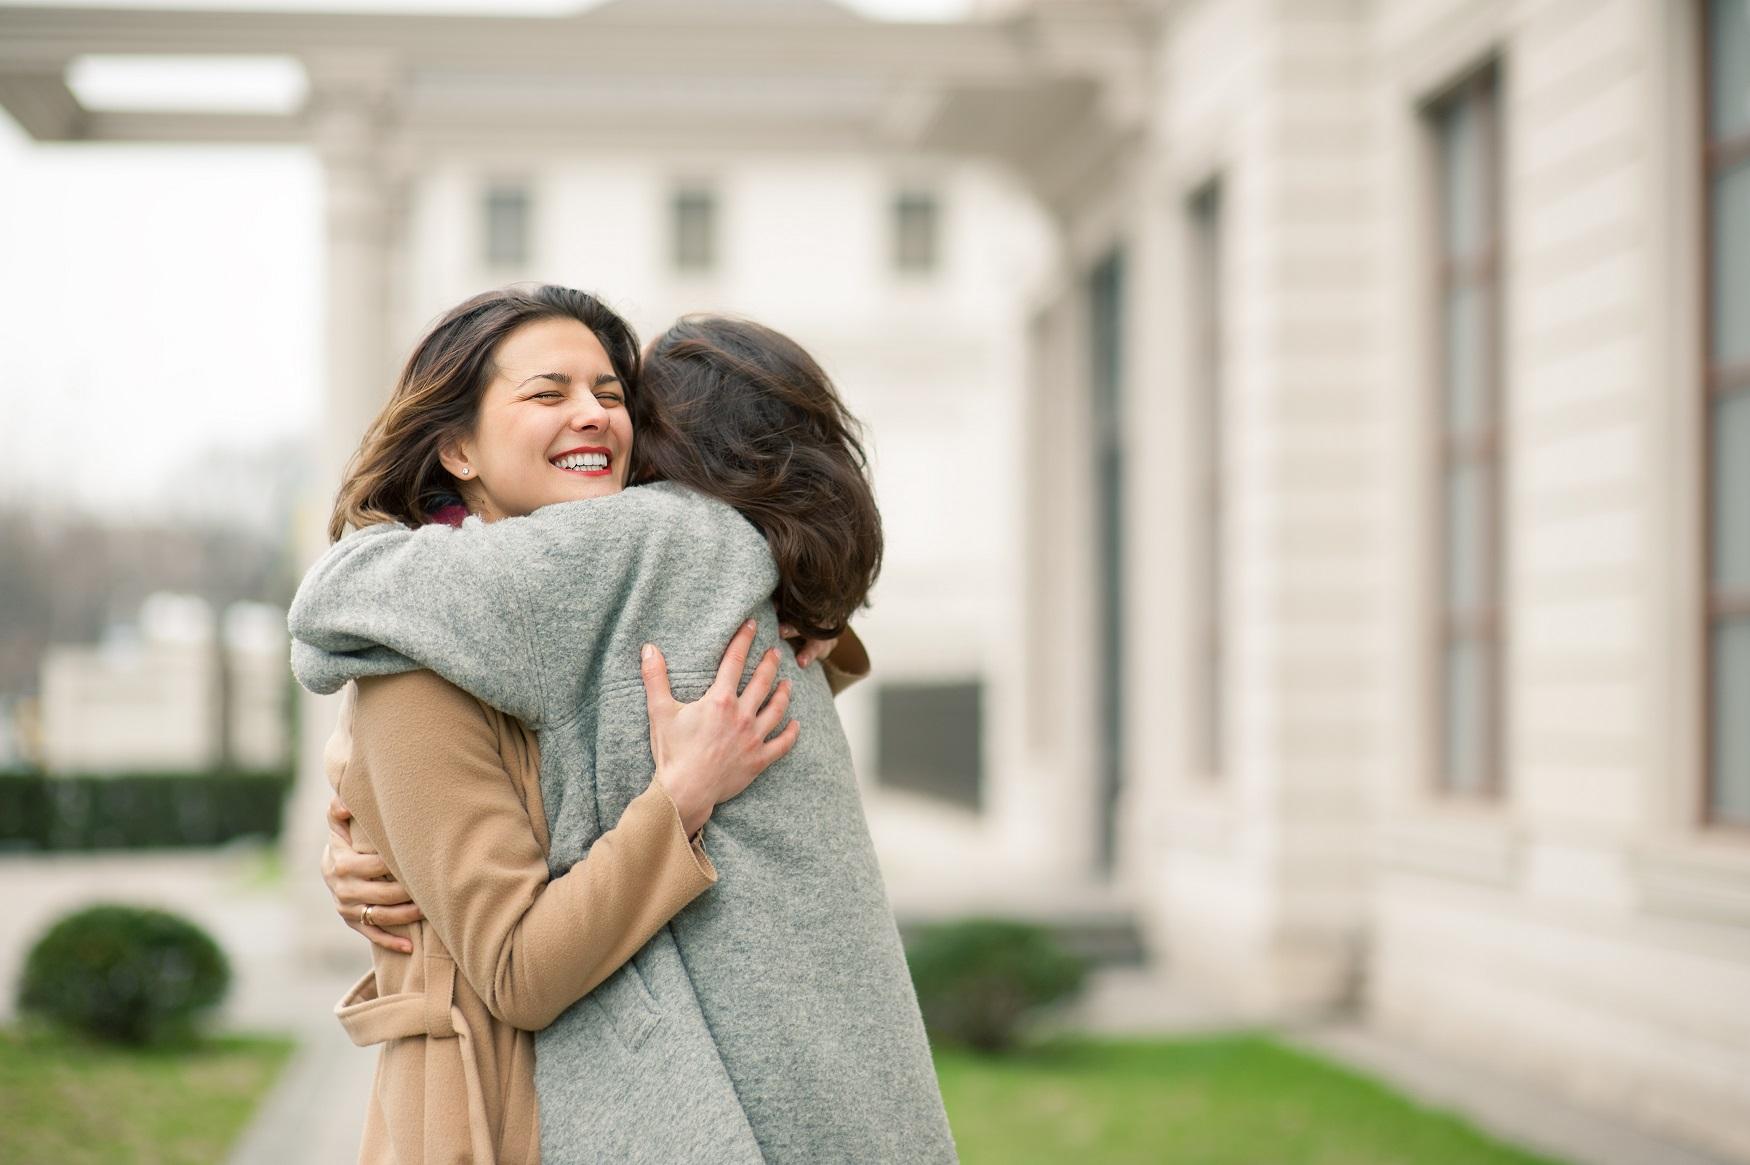 Глобално проучване показва ефектите от карантинните мерки върху щастието 139